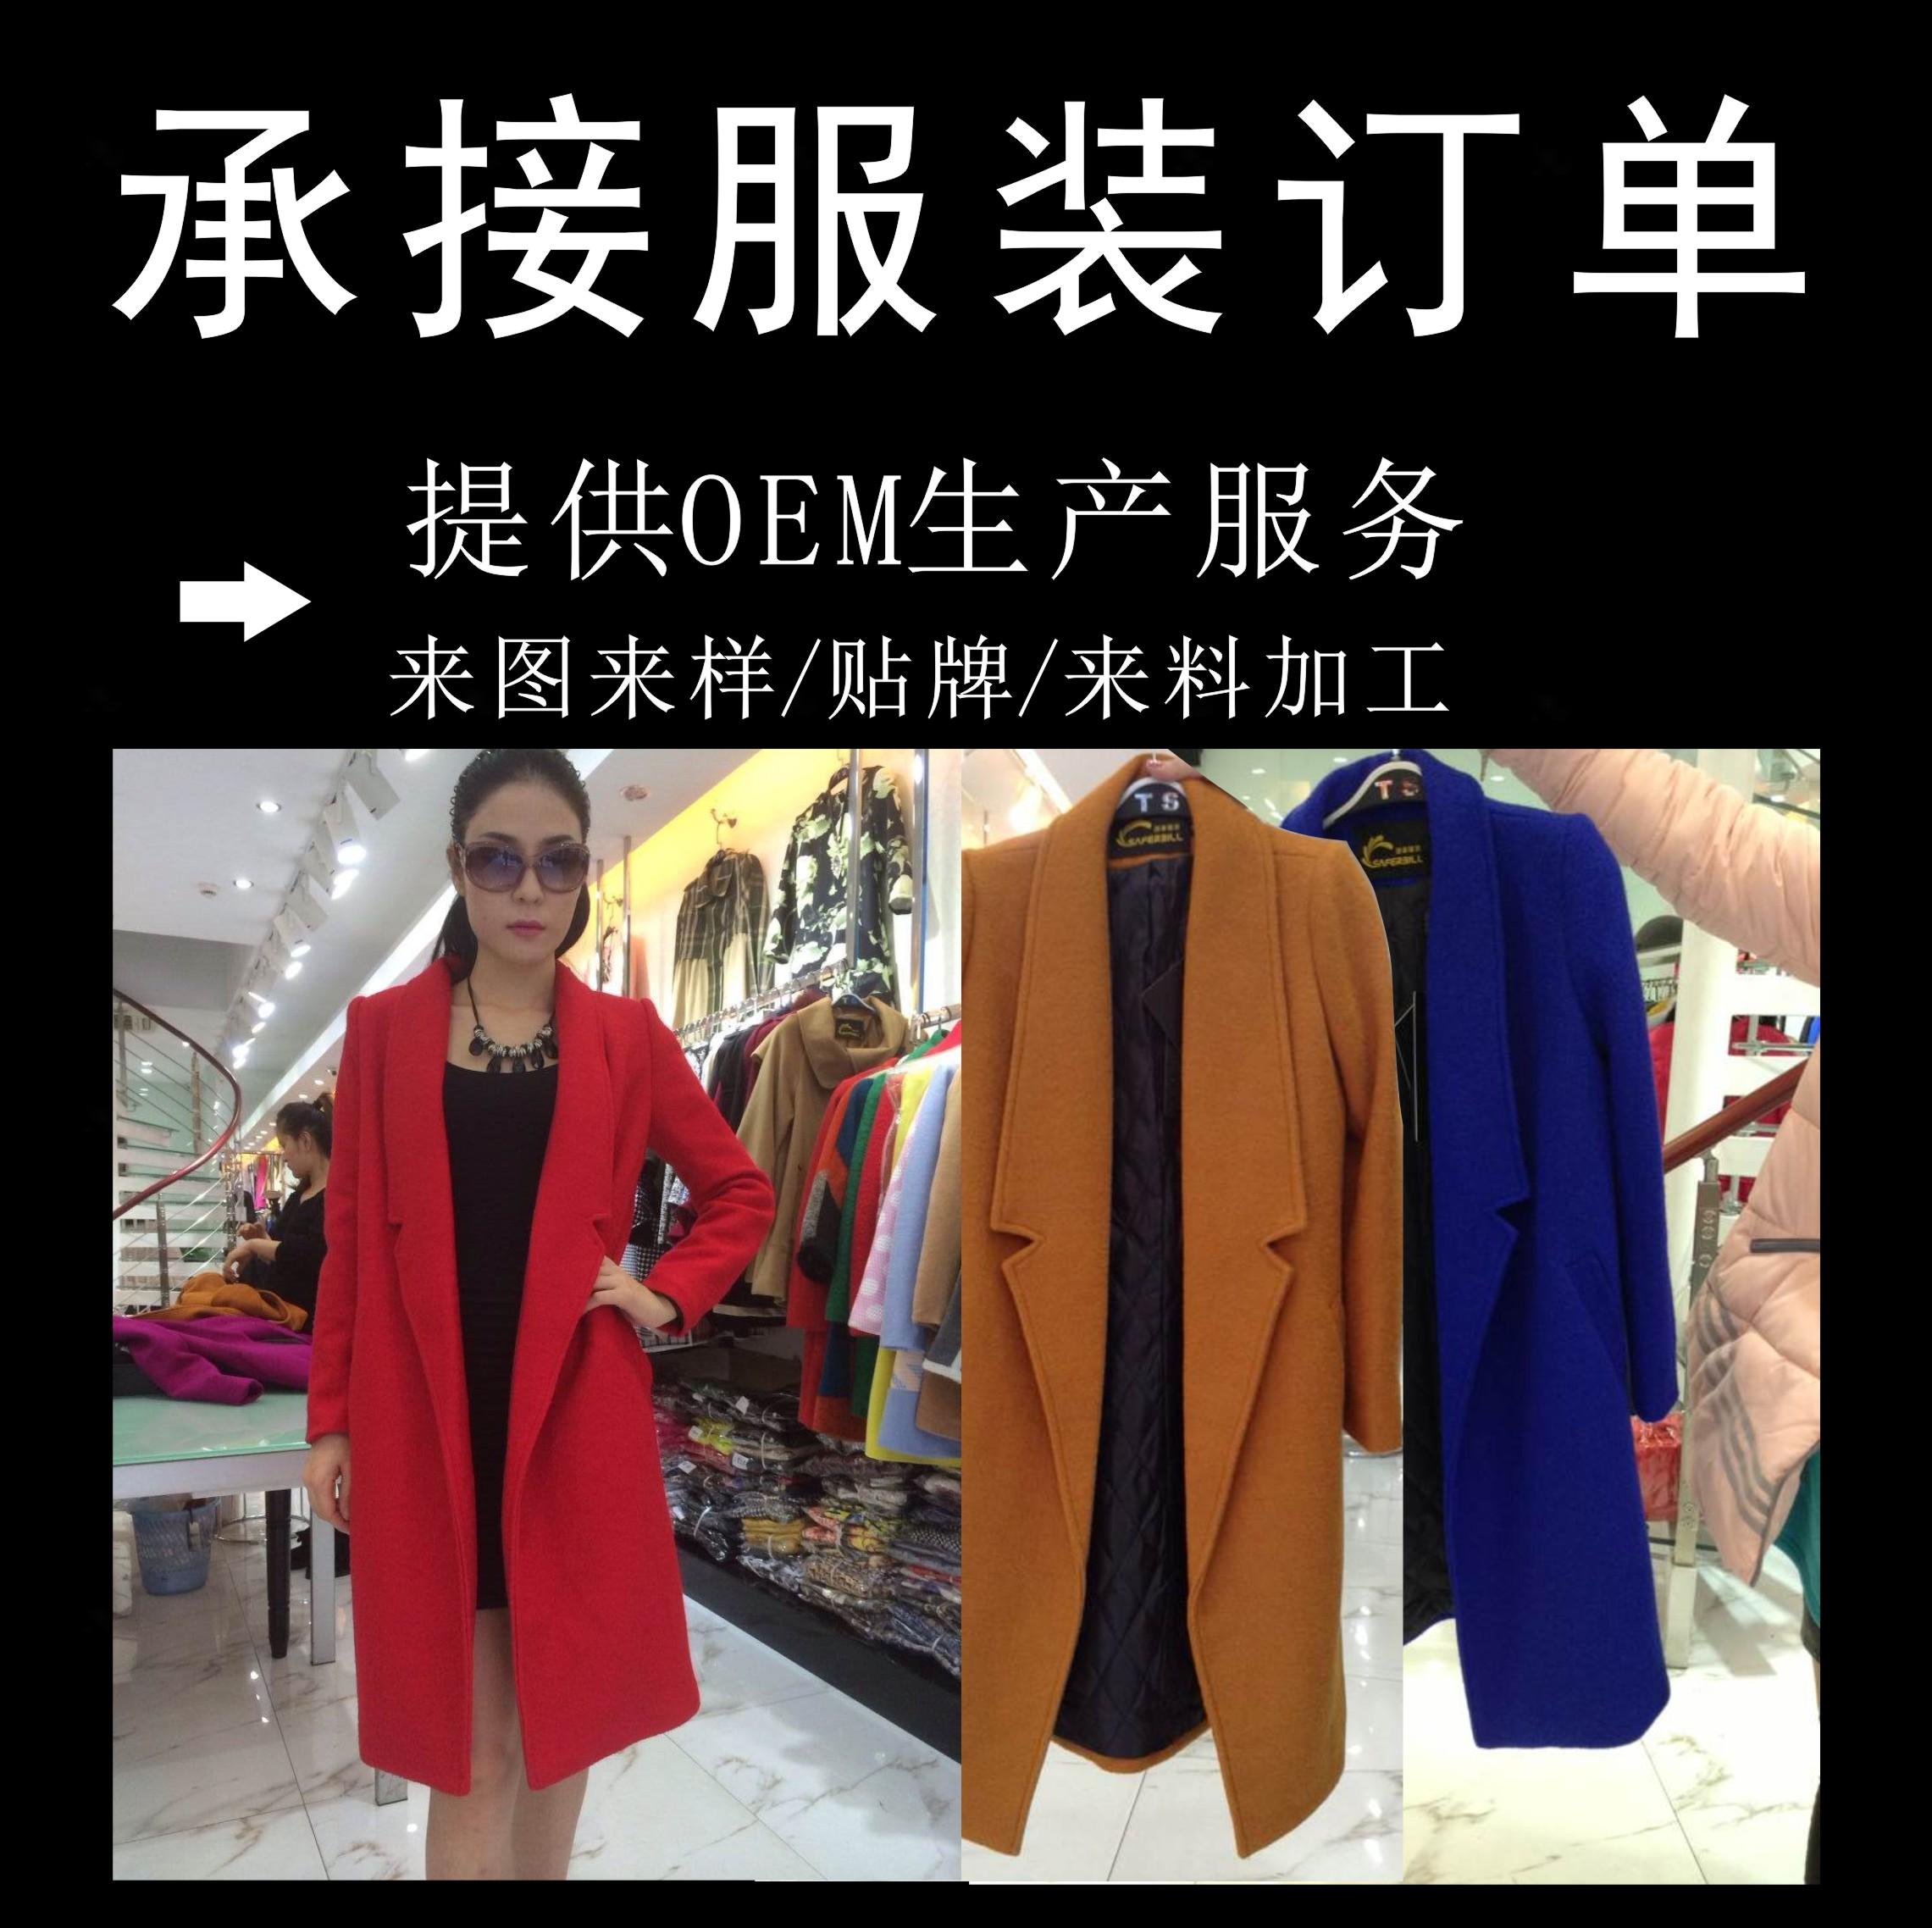 中高档时装寻找品牌服装加工订单